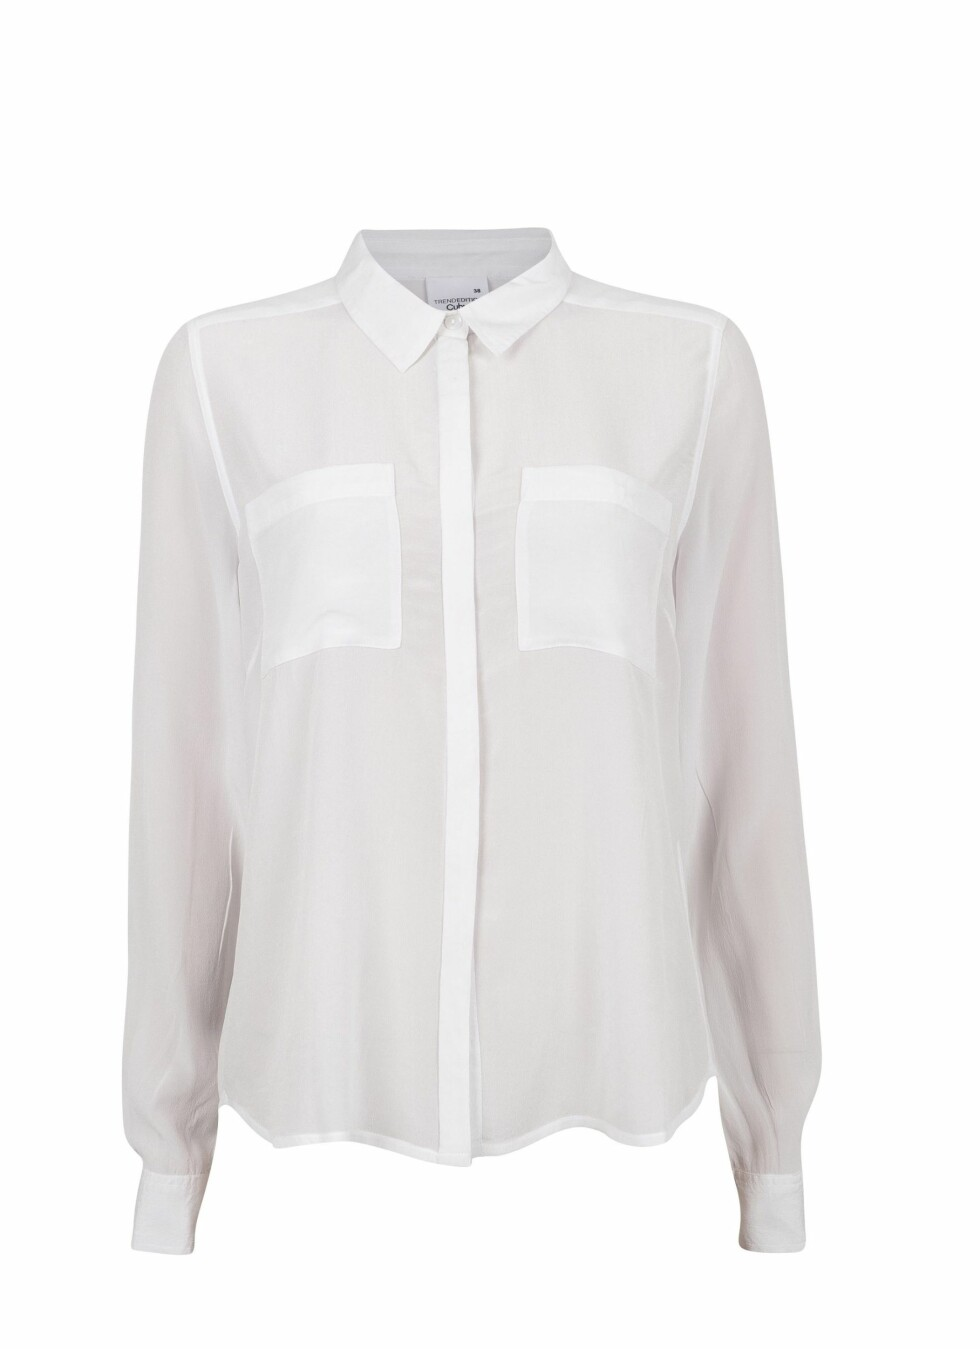 Hvit skjorte med lommer foran (kr 500, Cubus).